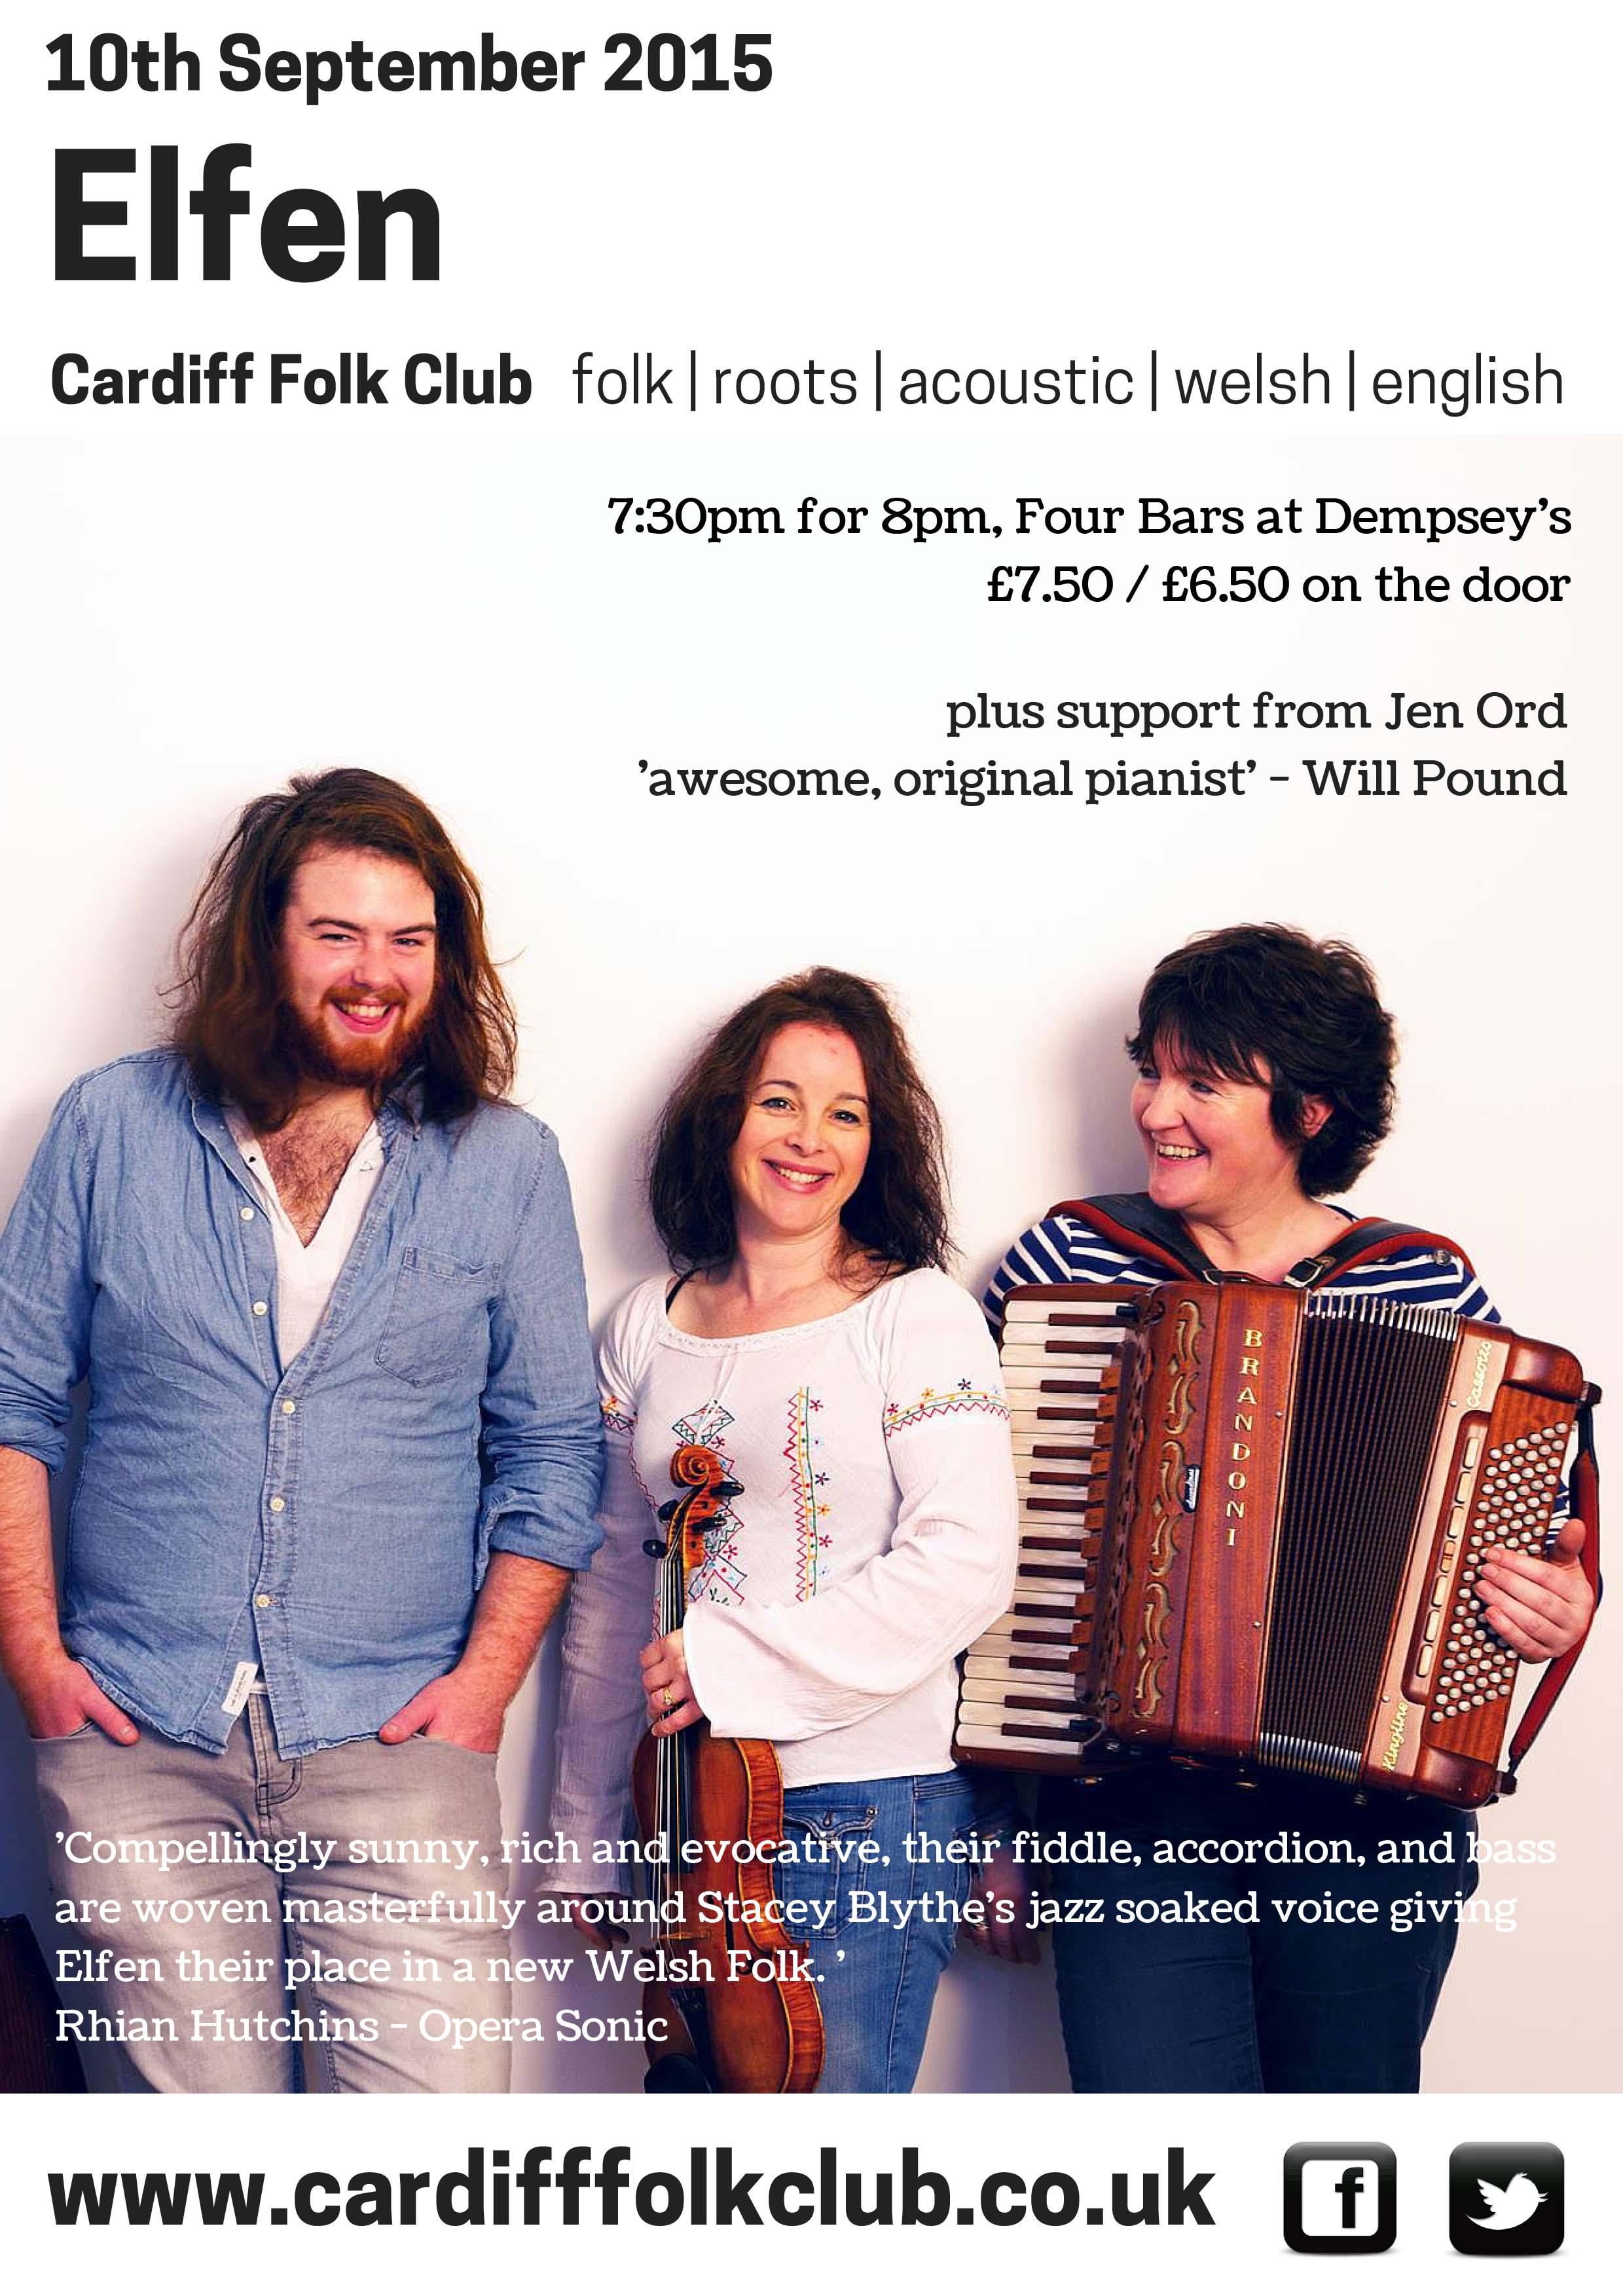 Cardiff Folk Club: Elfen